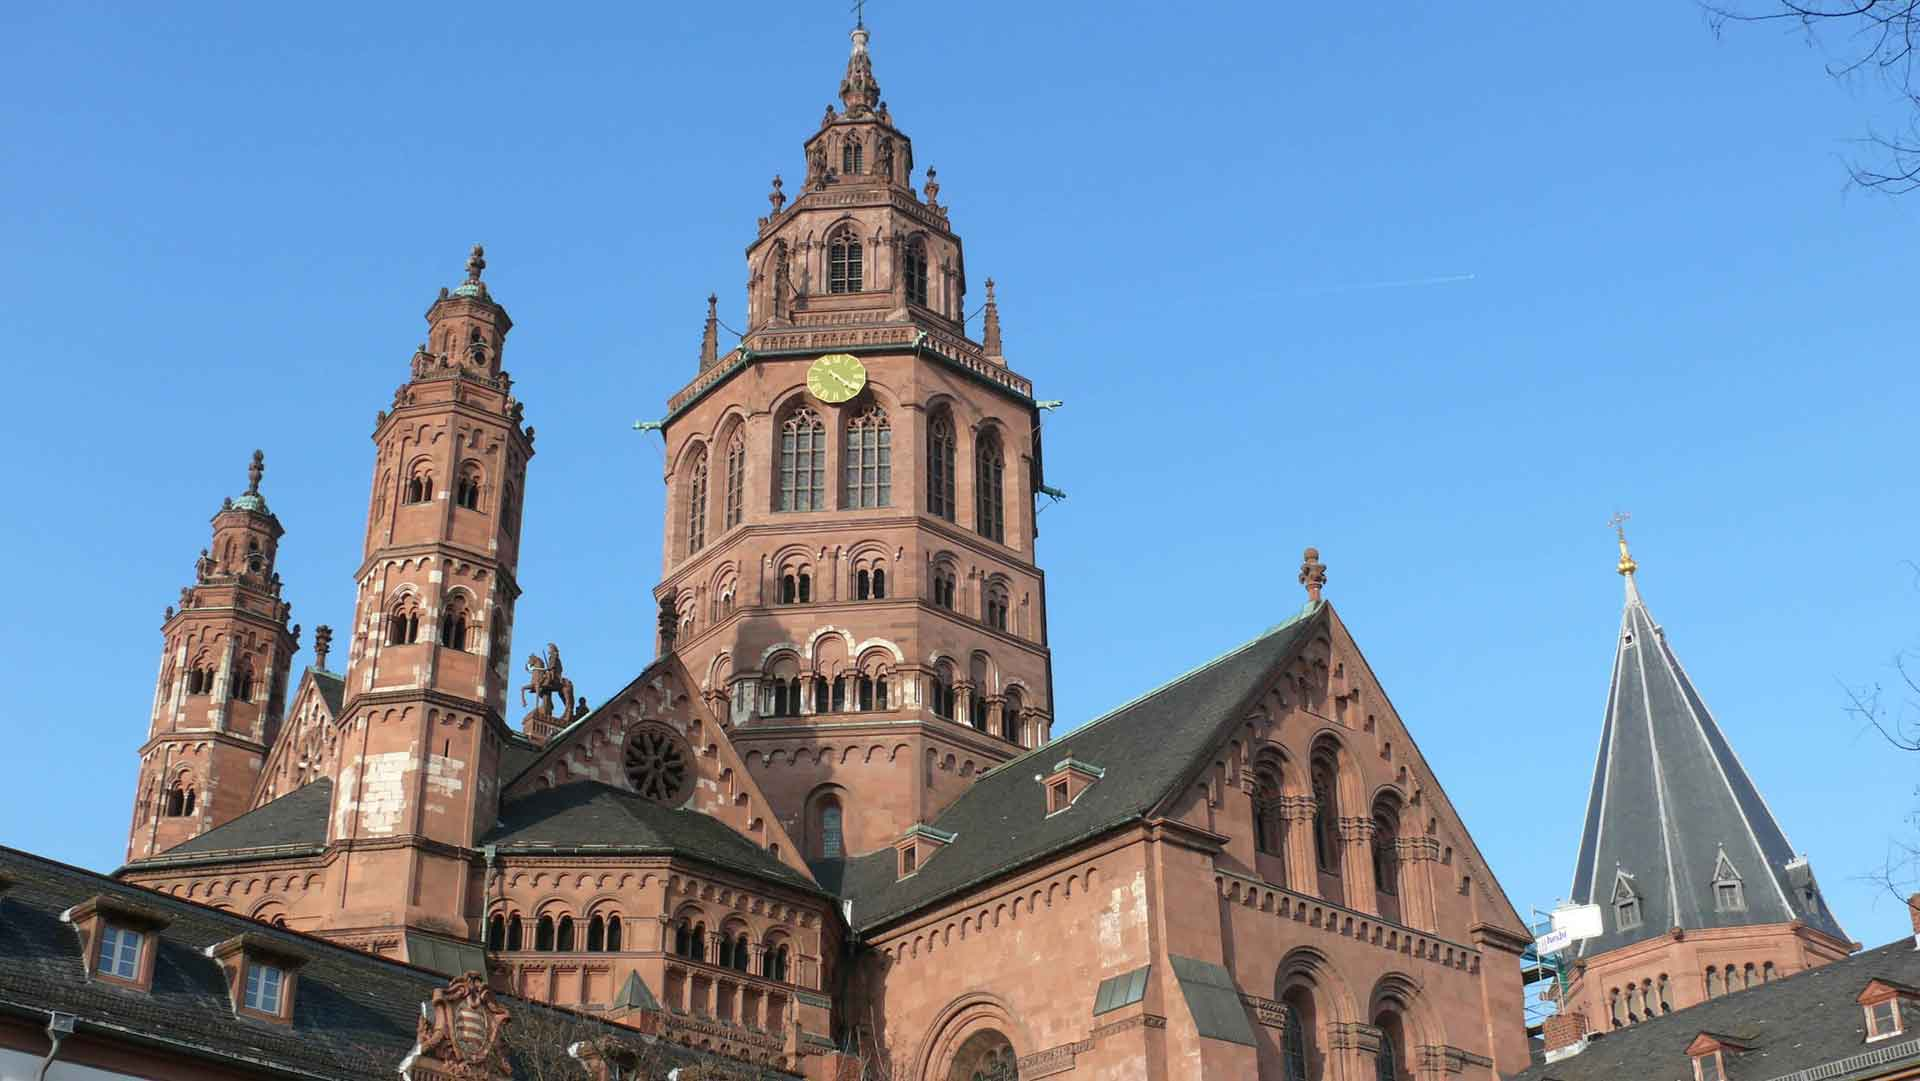 Mainz_Dom_F-7048910_Josef_Becker